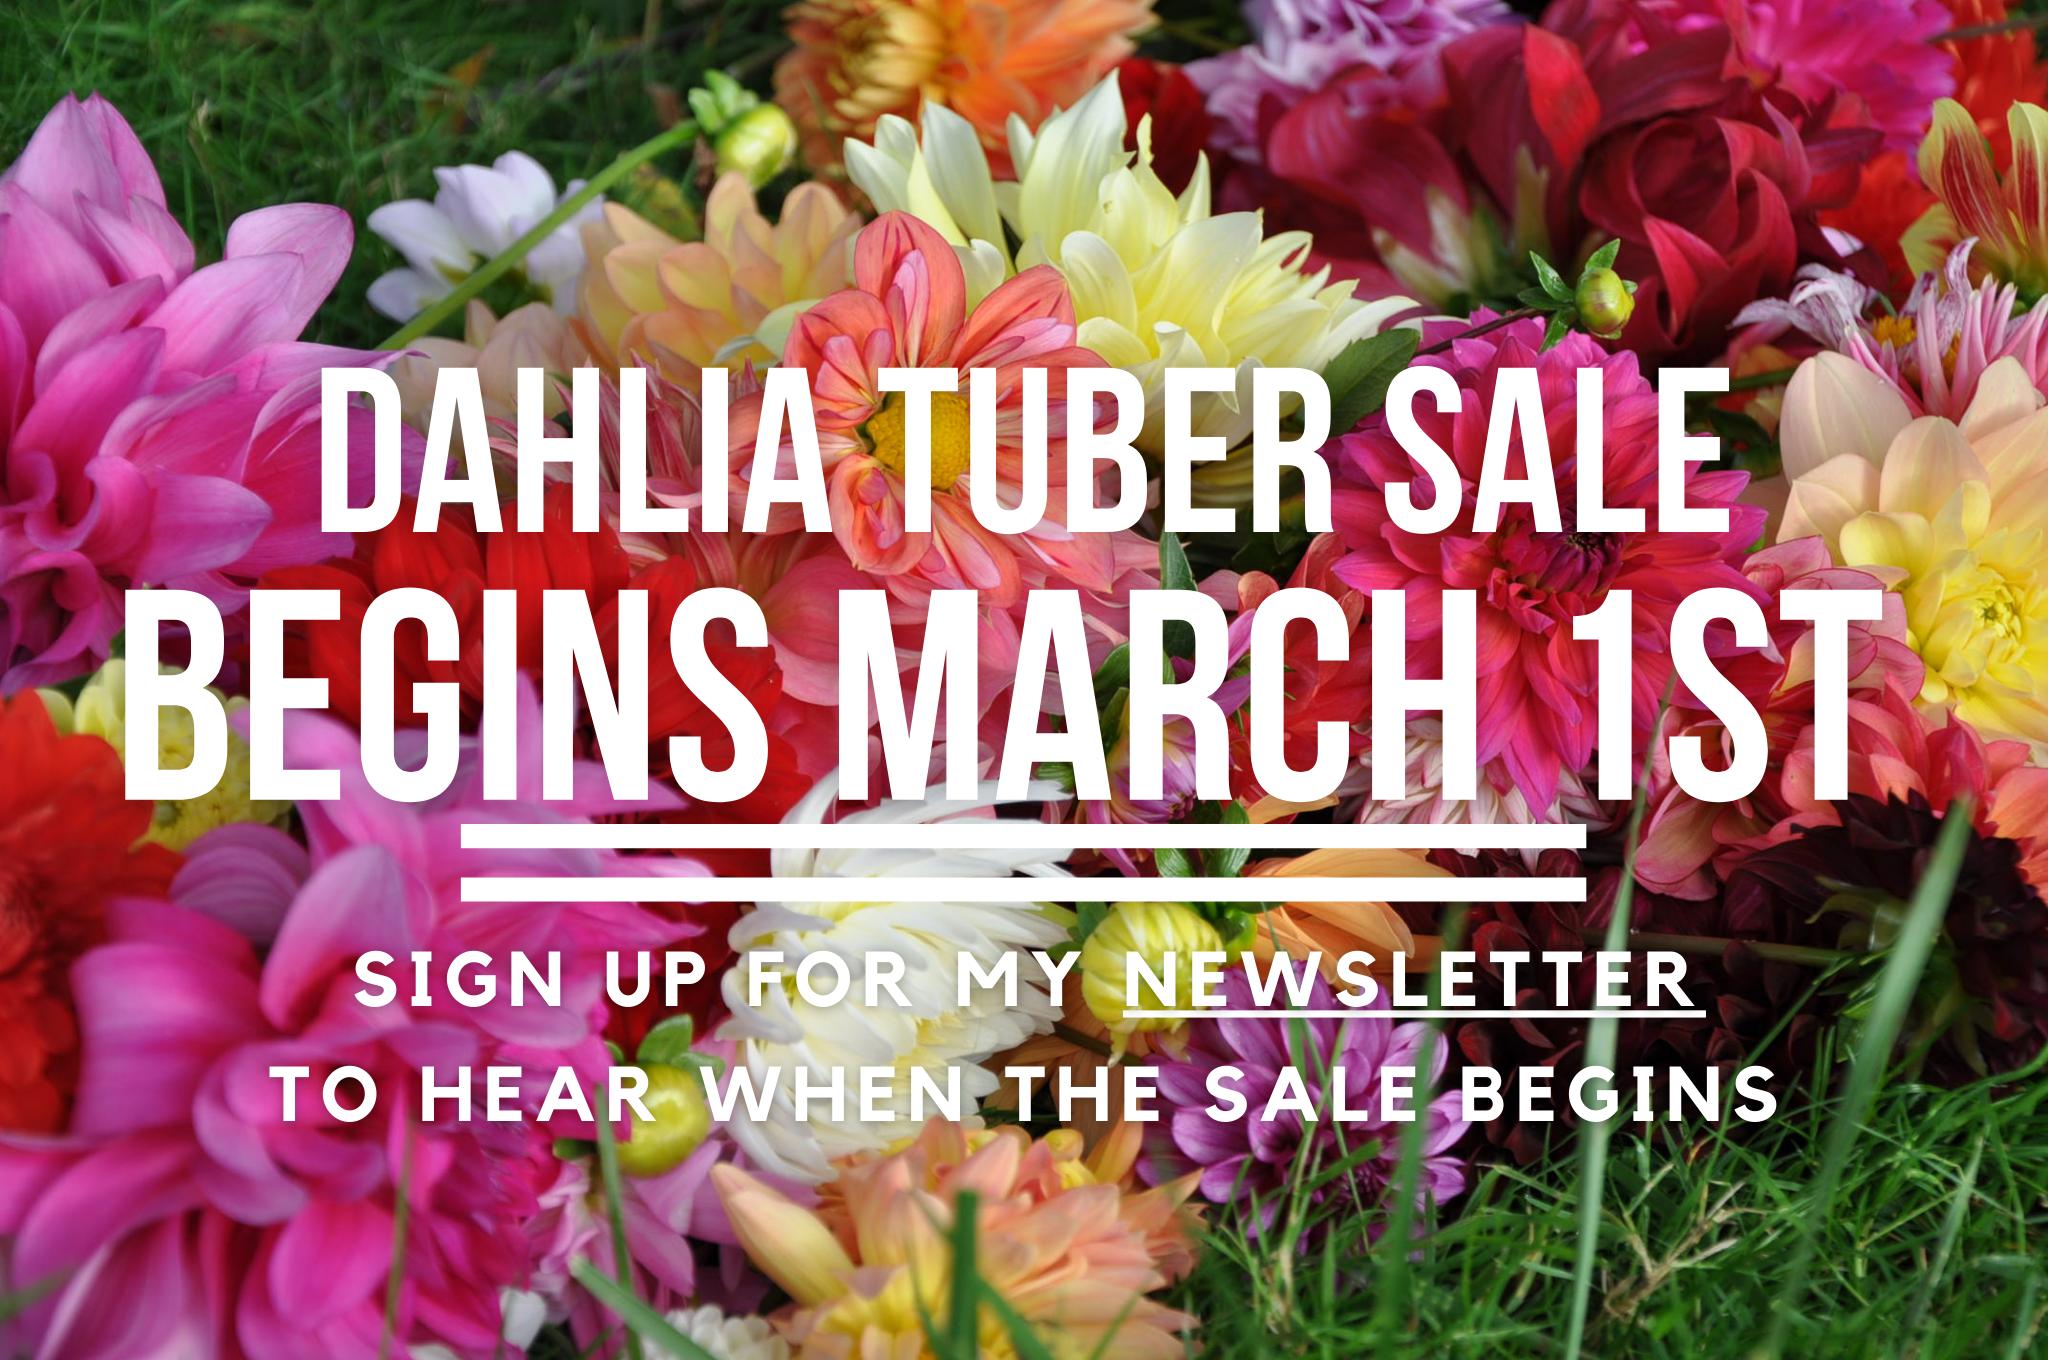 Dahlia Tuber Sale Begins March 1st